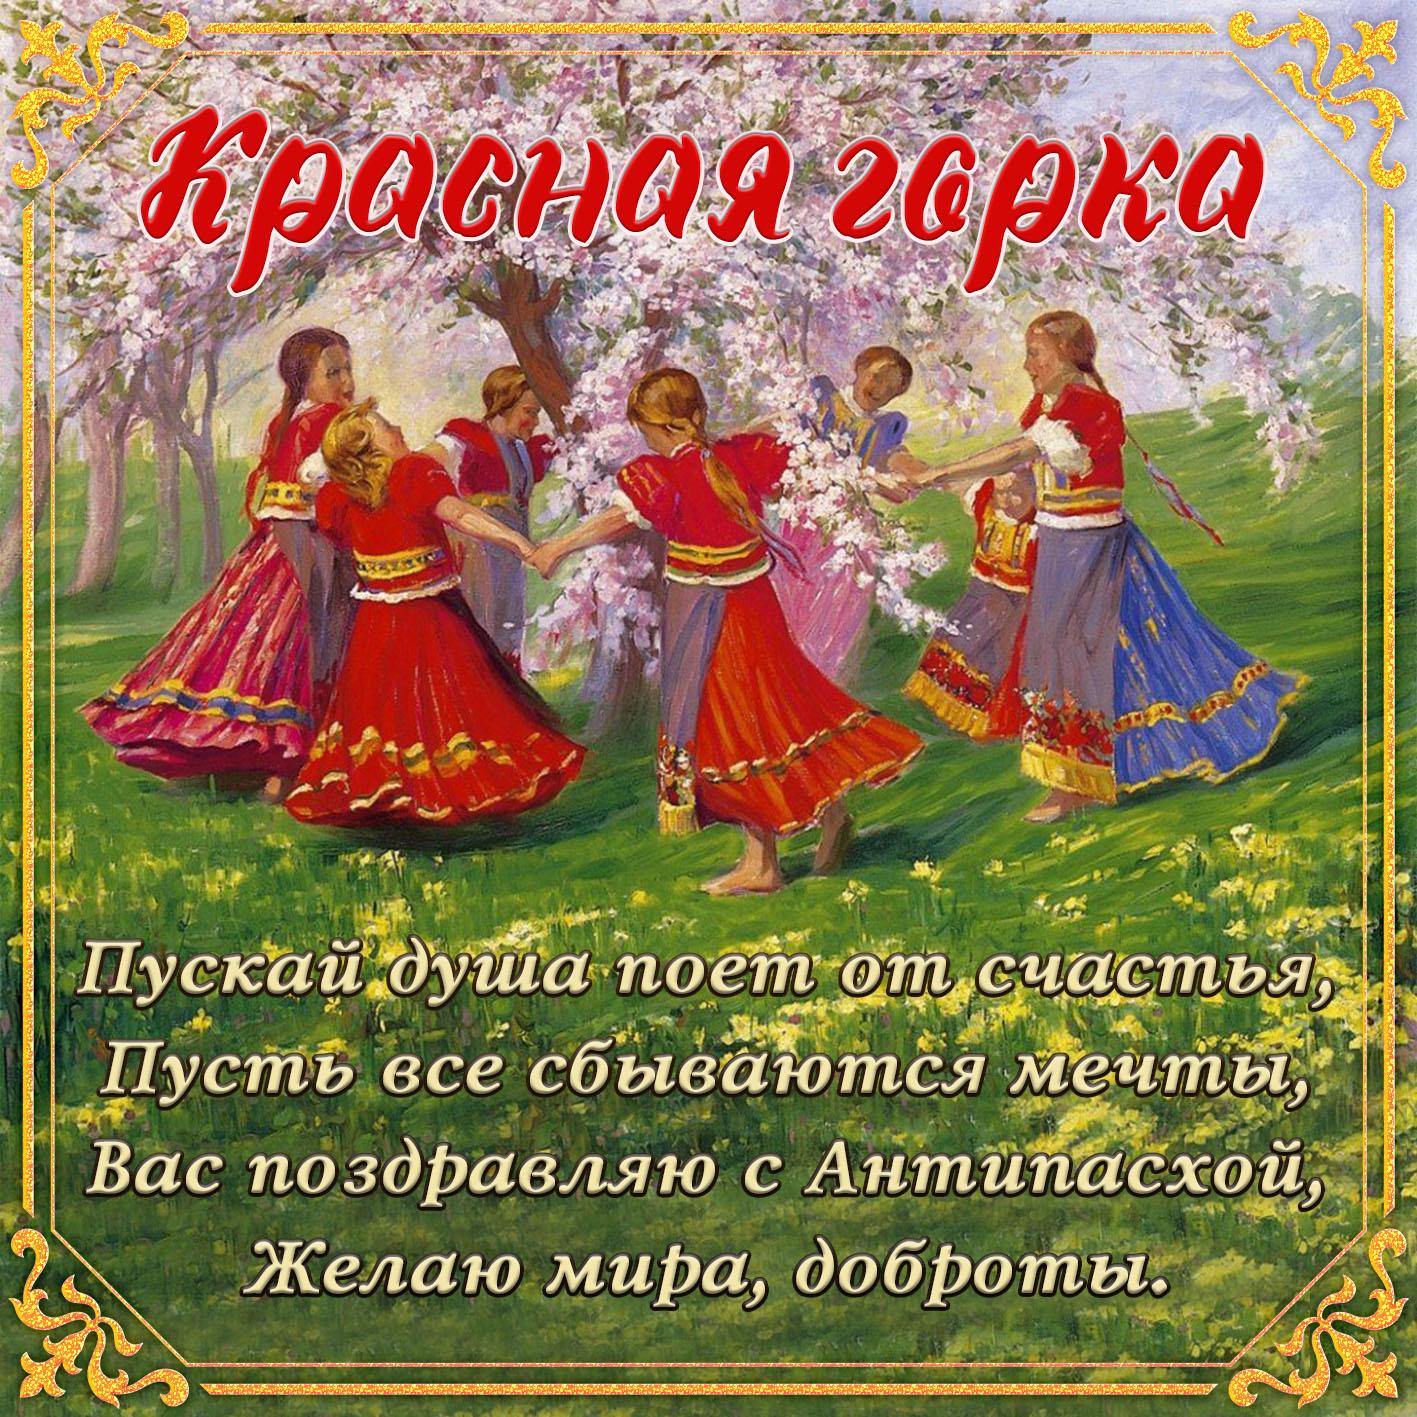 Картинка на Красную горку с хороводом девушек